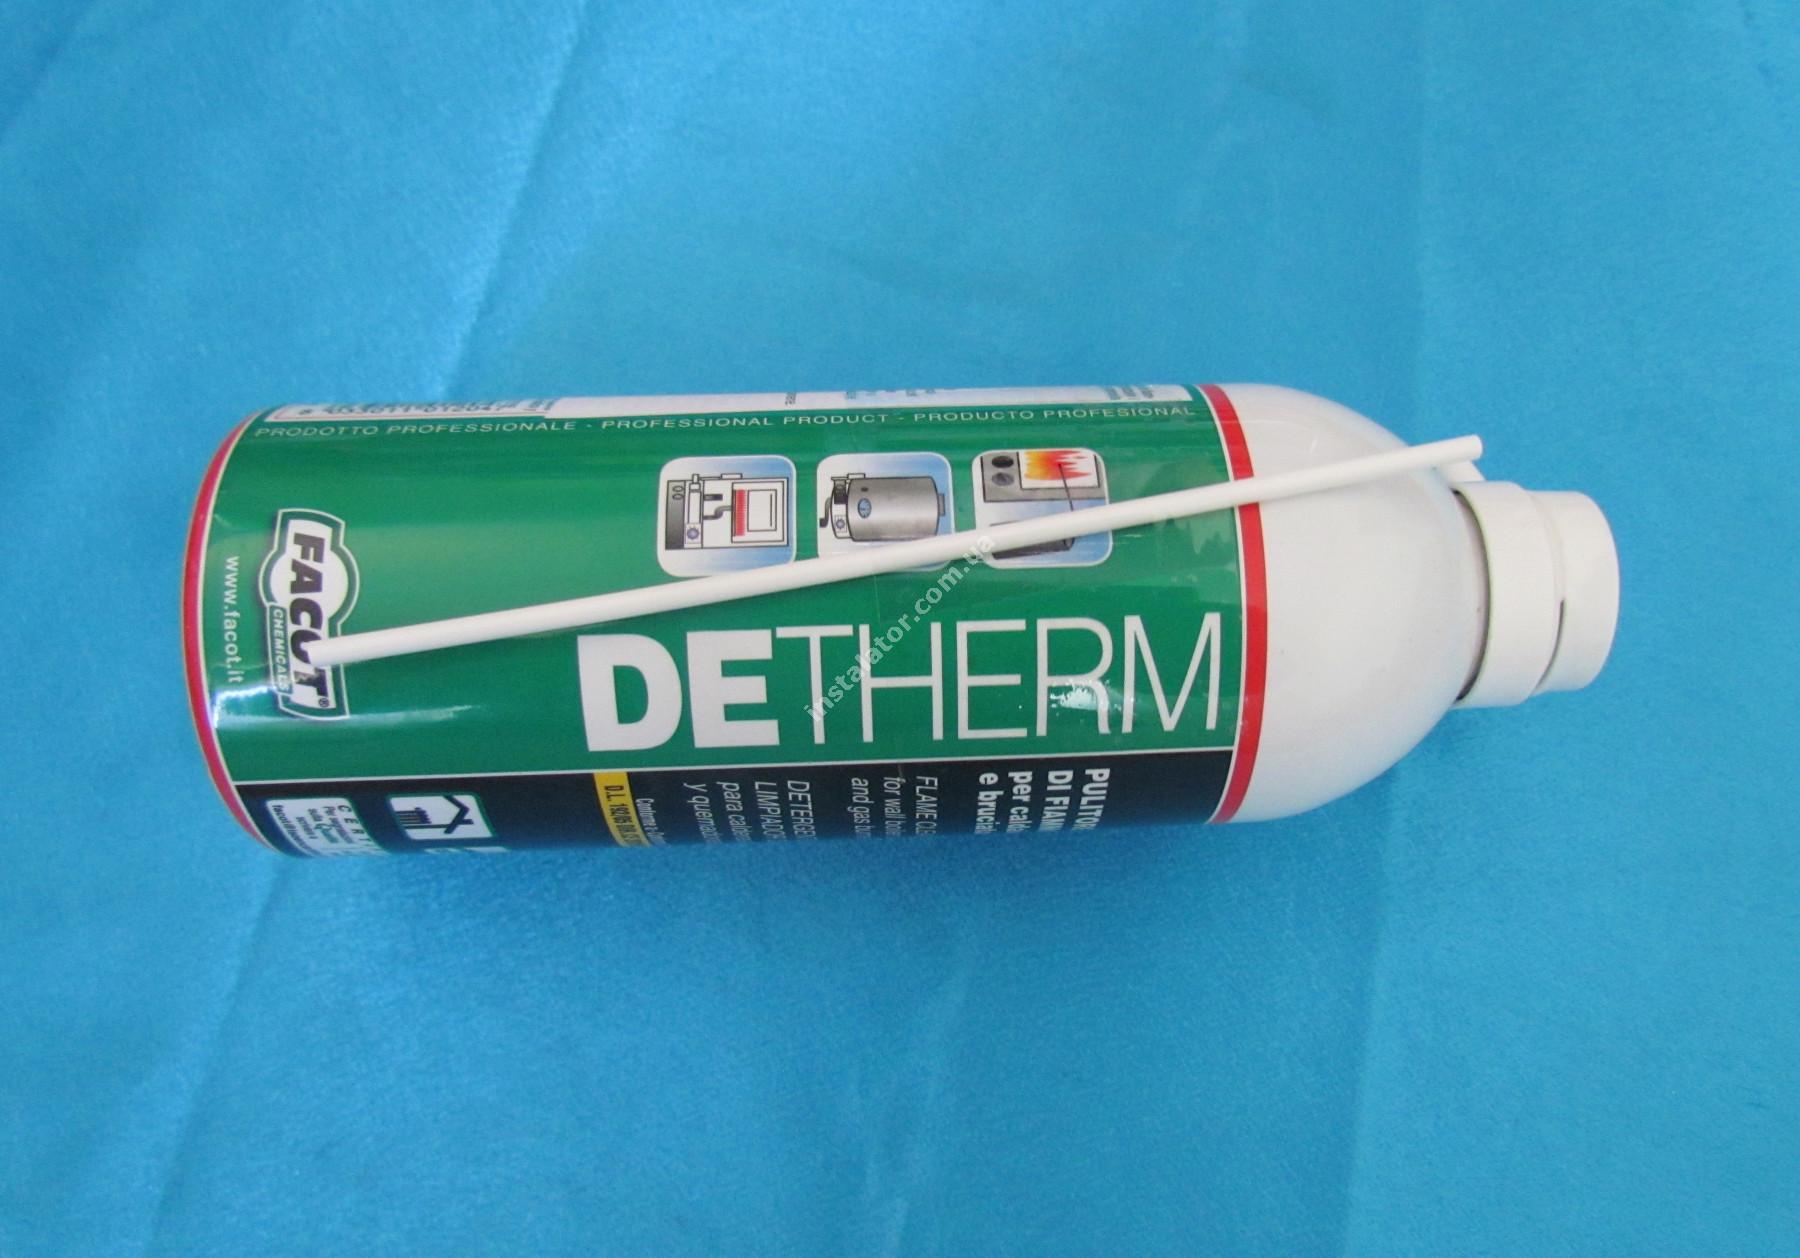 Рідина для чистки первинних теплообмінників Detherm full-image-2